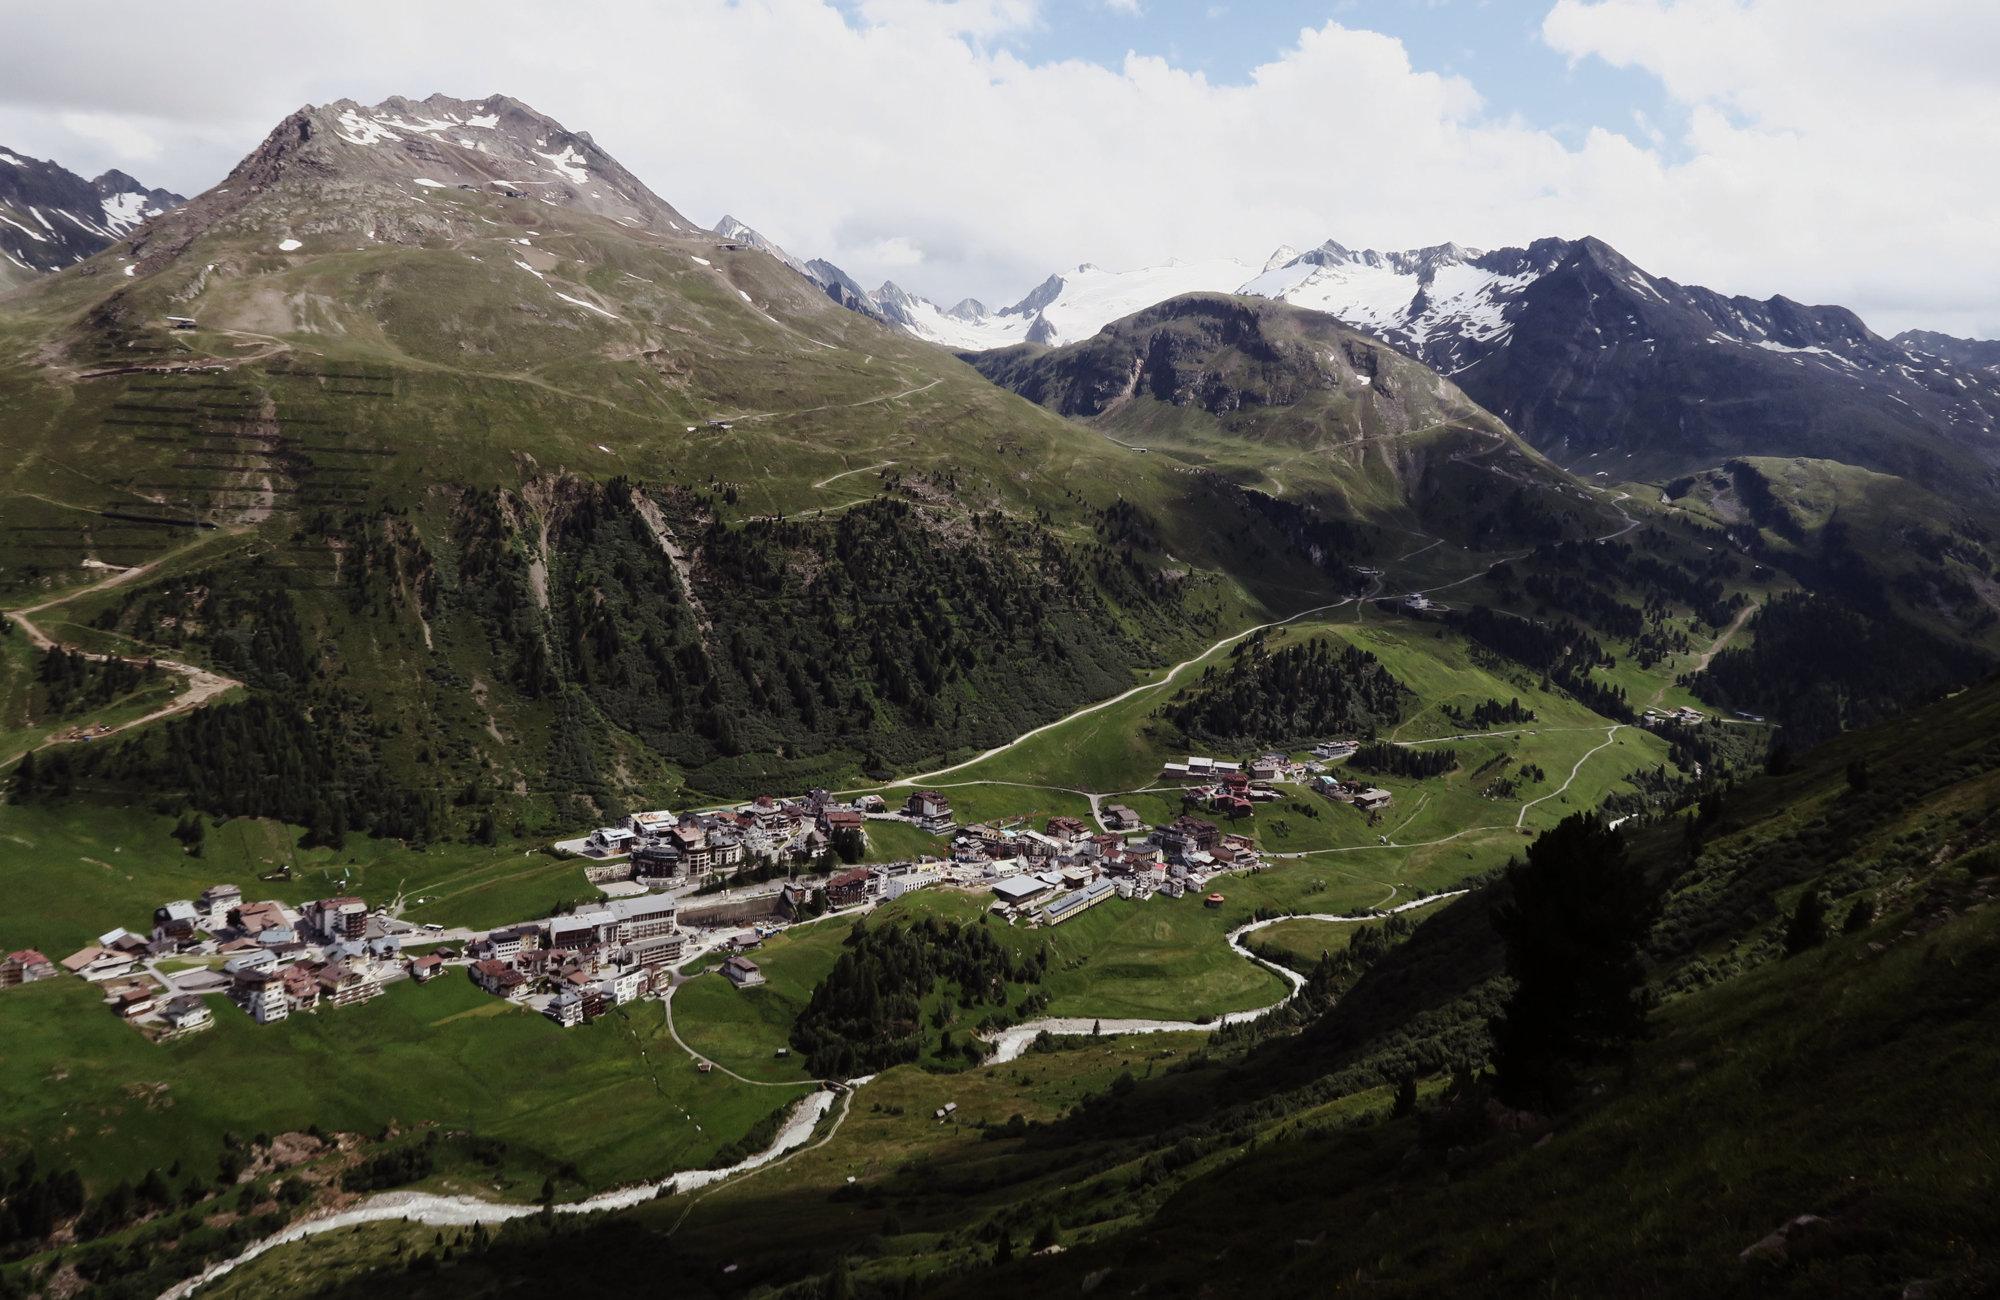 Blick auf Sölden, Wandertour Seenplatte, Wandern im Ötztal, Wandertour Ötztal, Ötztaler Alpen, Bergwandern, Tirol, Lenzenalm, Nedersee, Sohmsee